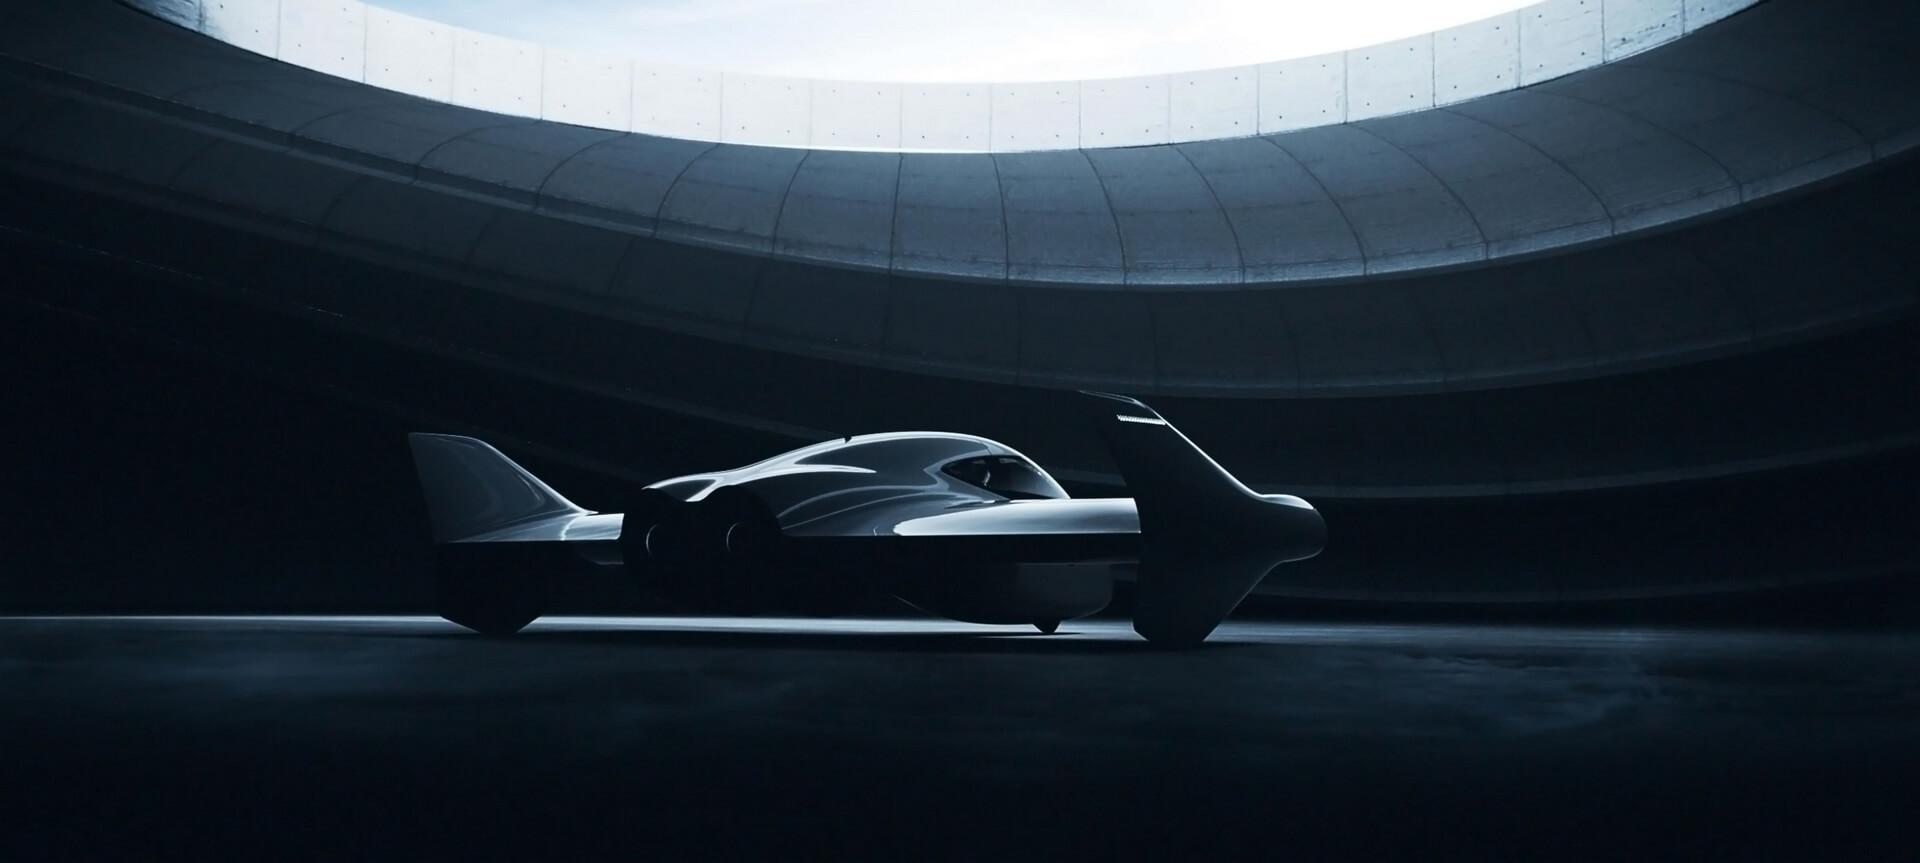 Компанії Porsche і Boeing працюватимуть разом на преміум-ринку повітряного міського автотранспорту